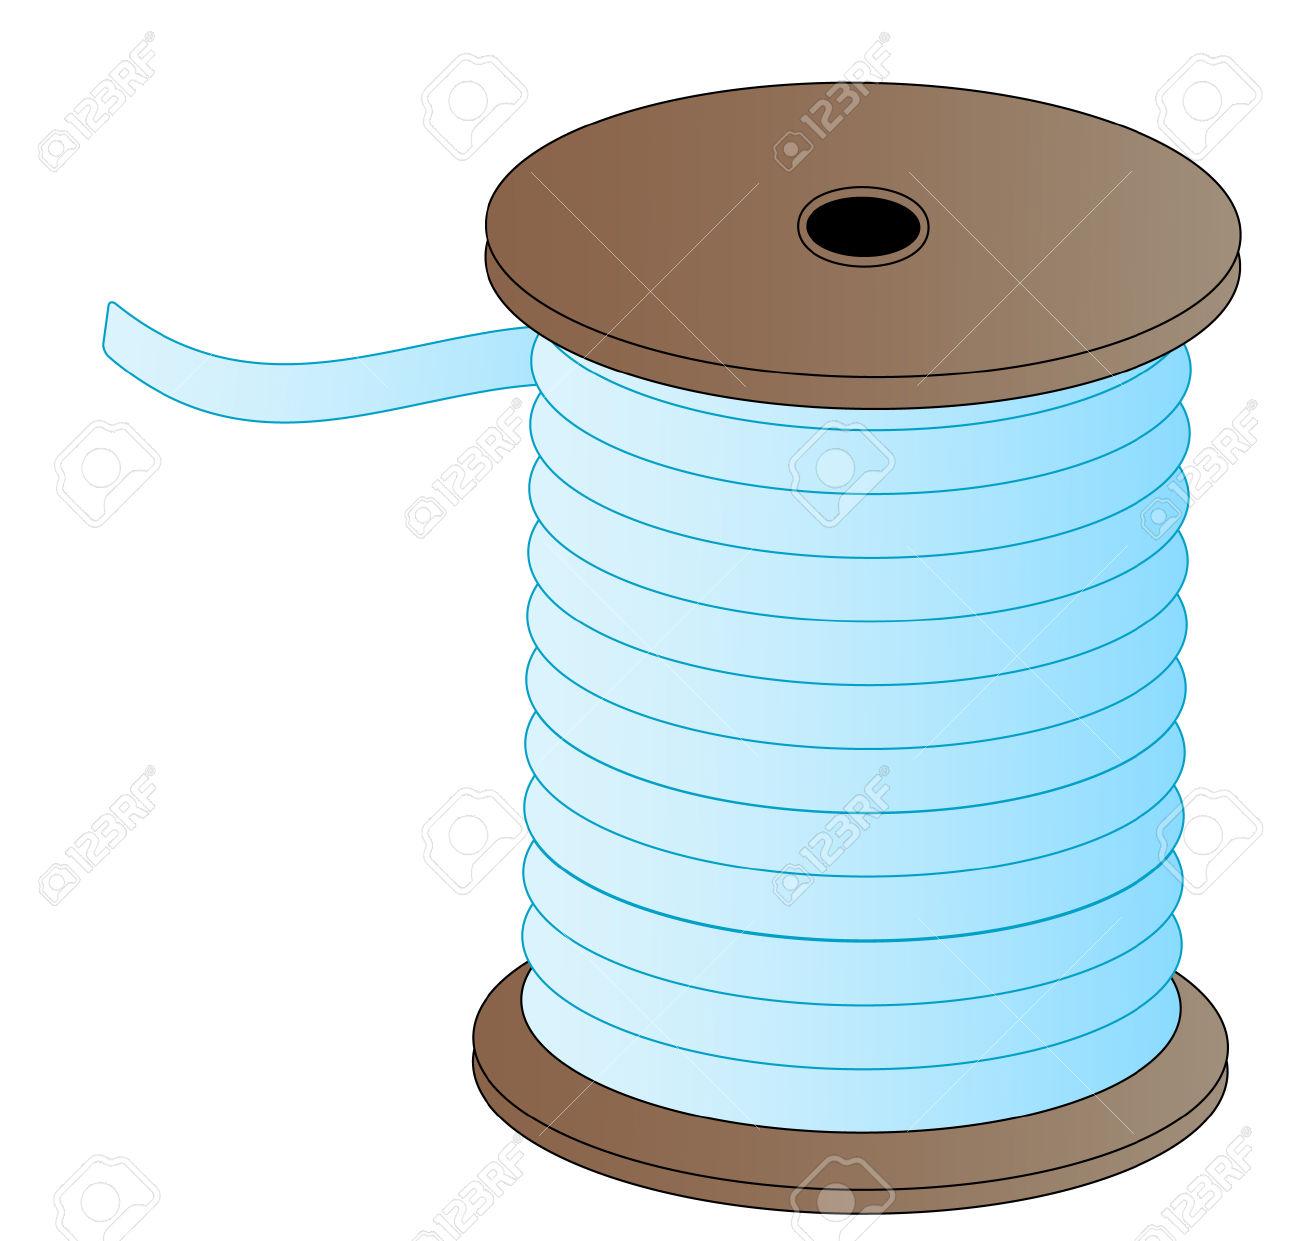 Spool Of Blue Thread On Wooded Spool.